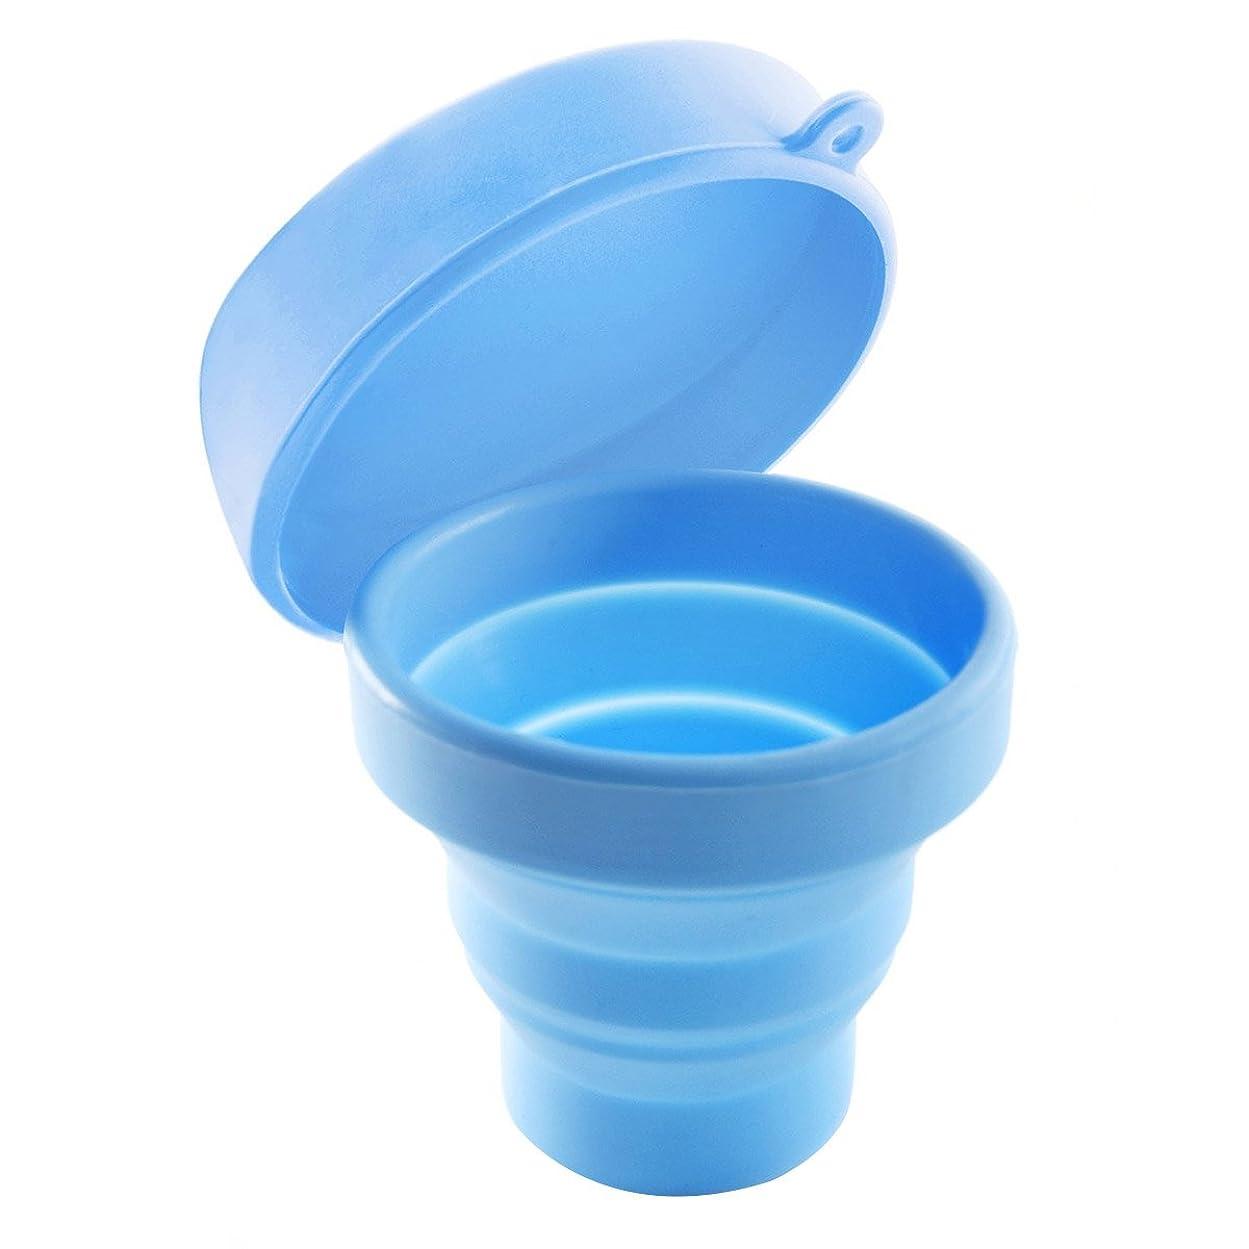 戻る干渉する群集ROSENICE 折りたたみ式カップ(蓋付き)ポータブルポップアップカップ(キャンプ用)ピクニックハイキングアウトドアアクティビティ(ブルー)